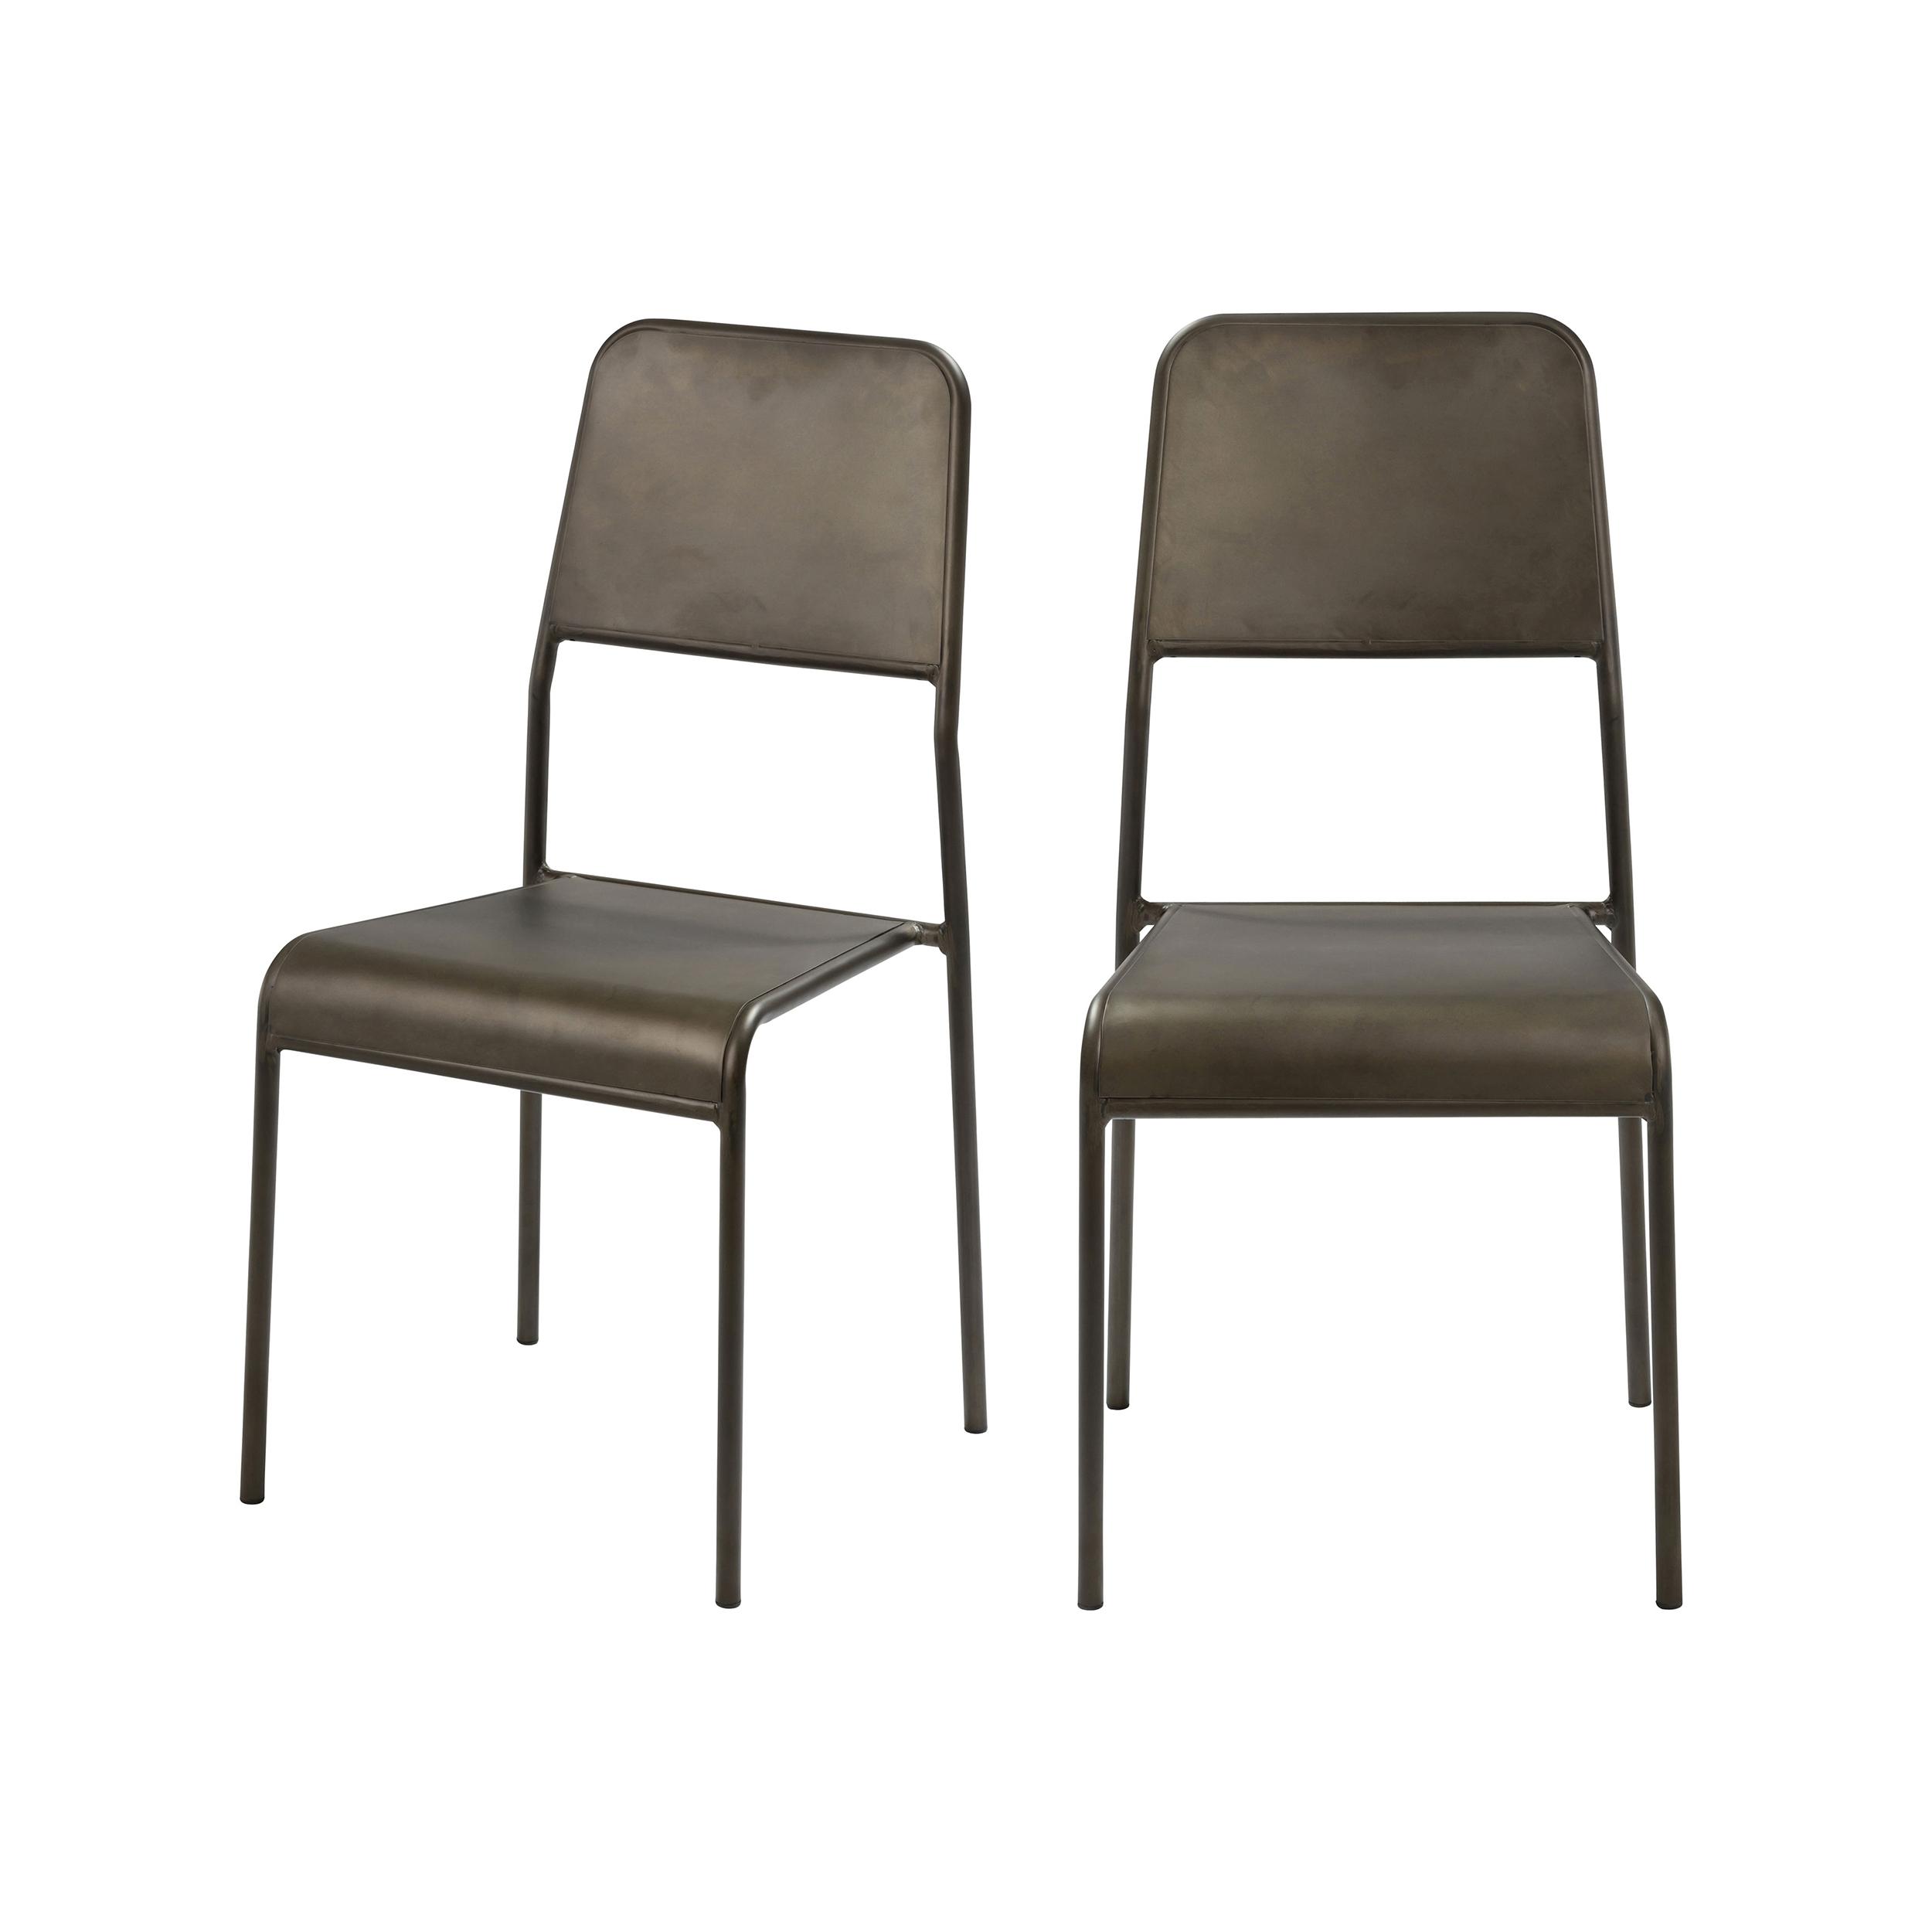 Chaise empilable gris métalisé intérieur/extérieur (x2)